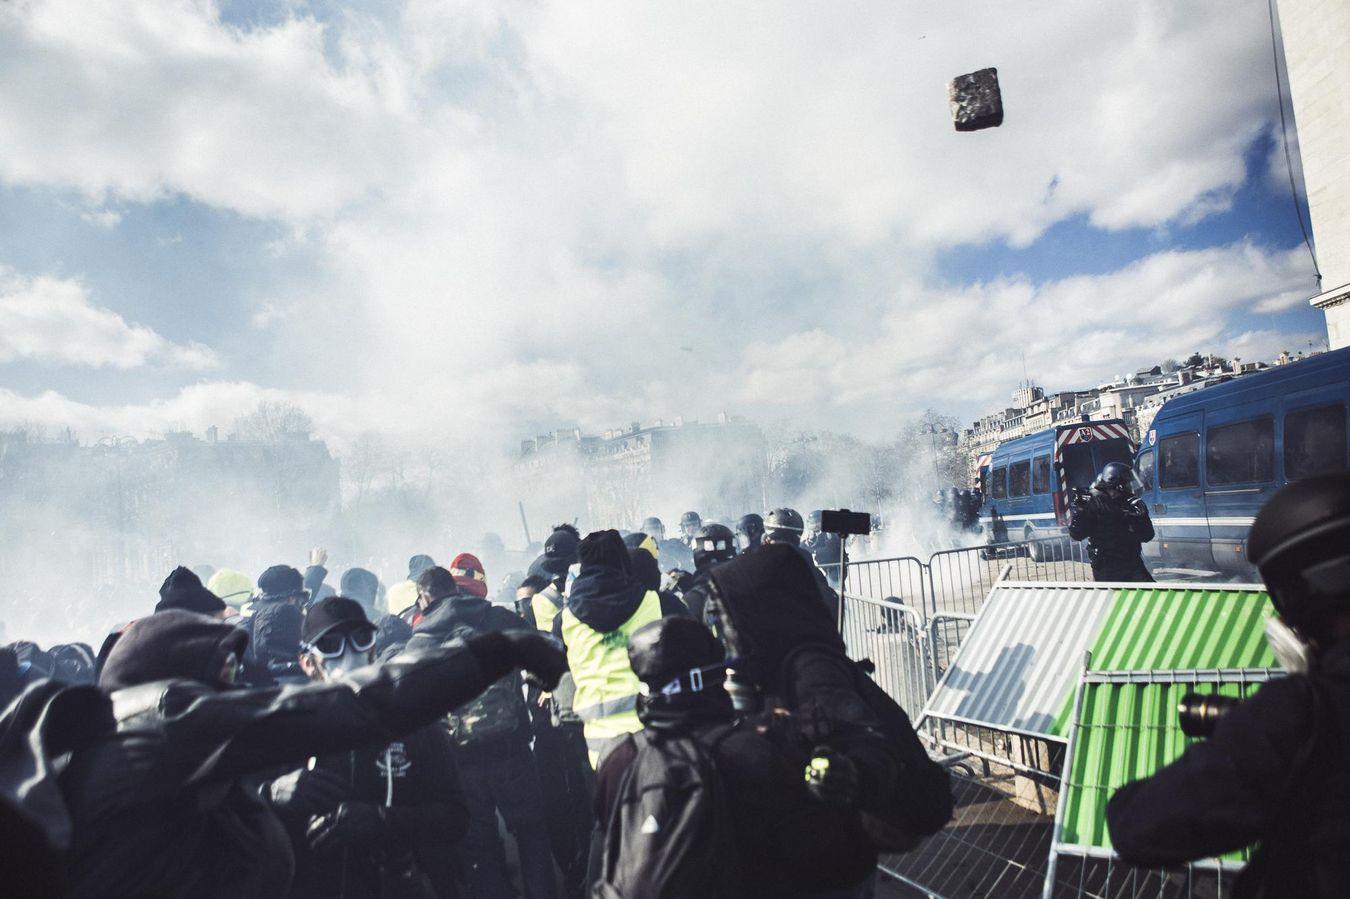 Affrontements avec la police Arc de Triomphe